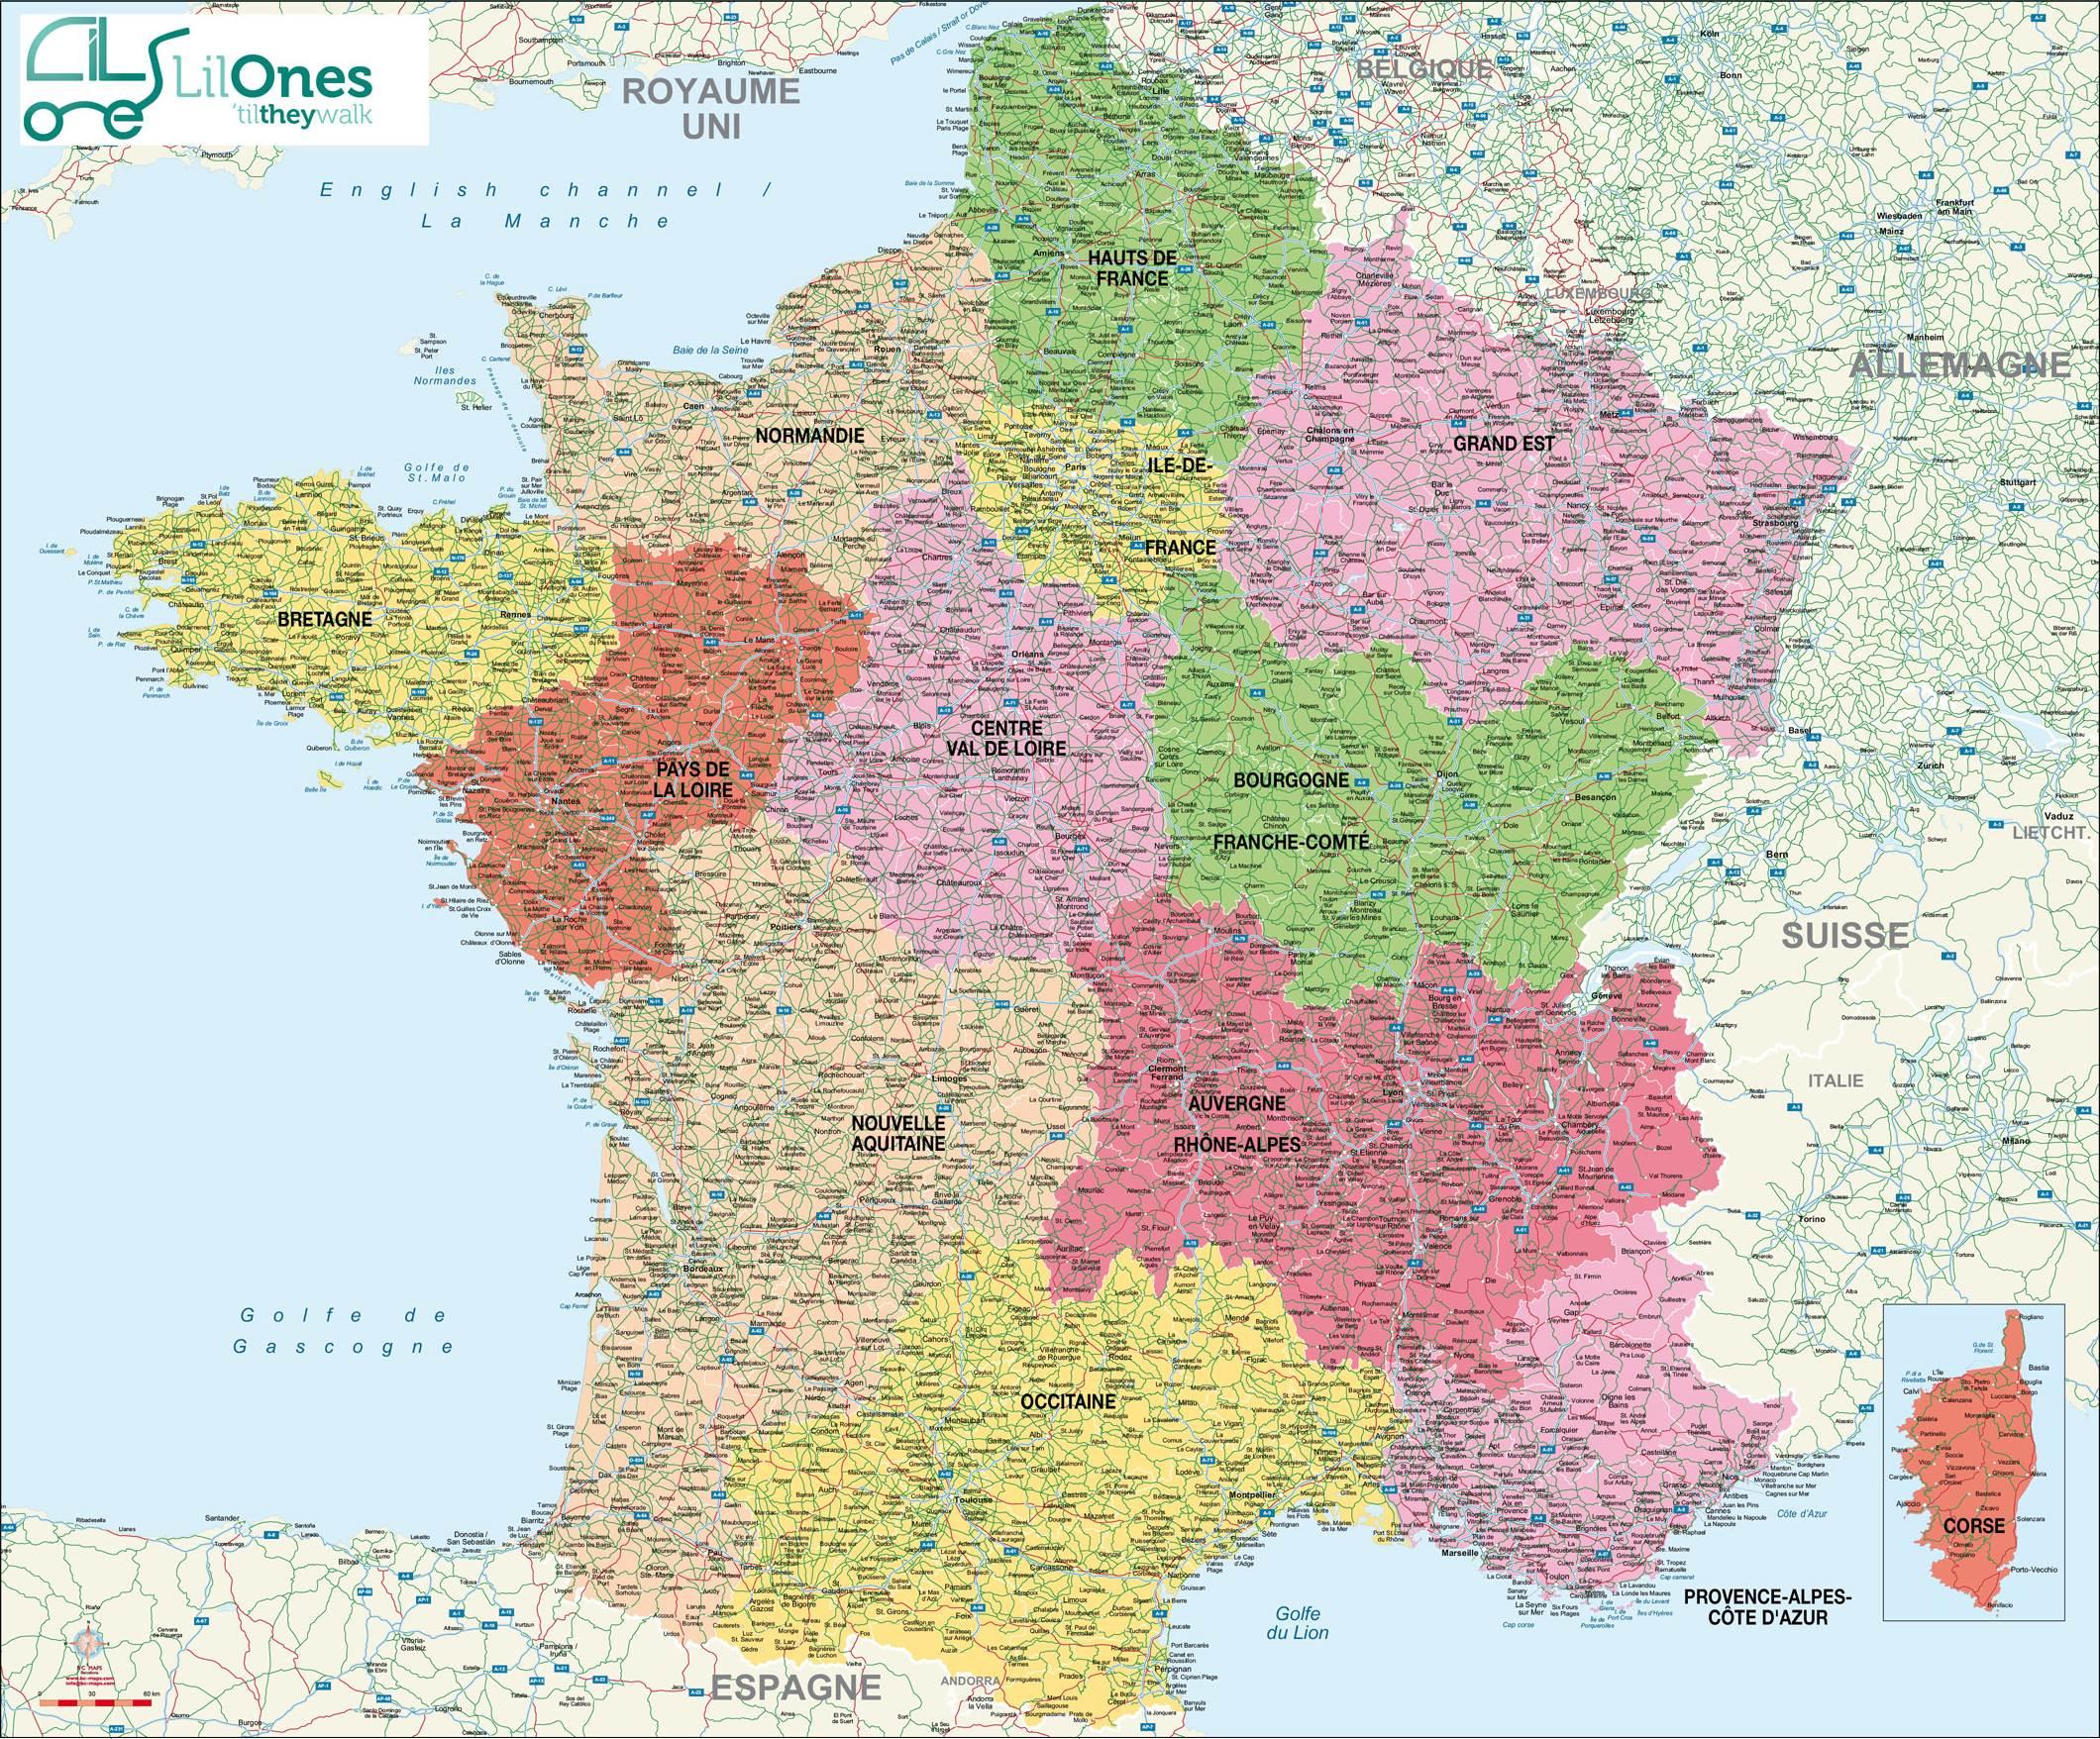 Cartes De France : Cartes Des Régions, Départements Et encequiconcerne Carte De France Imprimable Gratuite